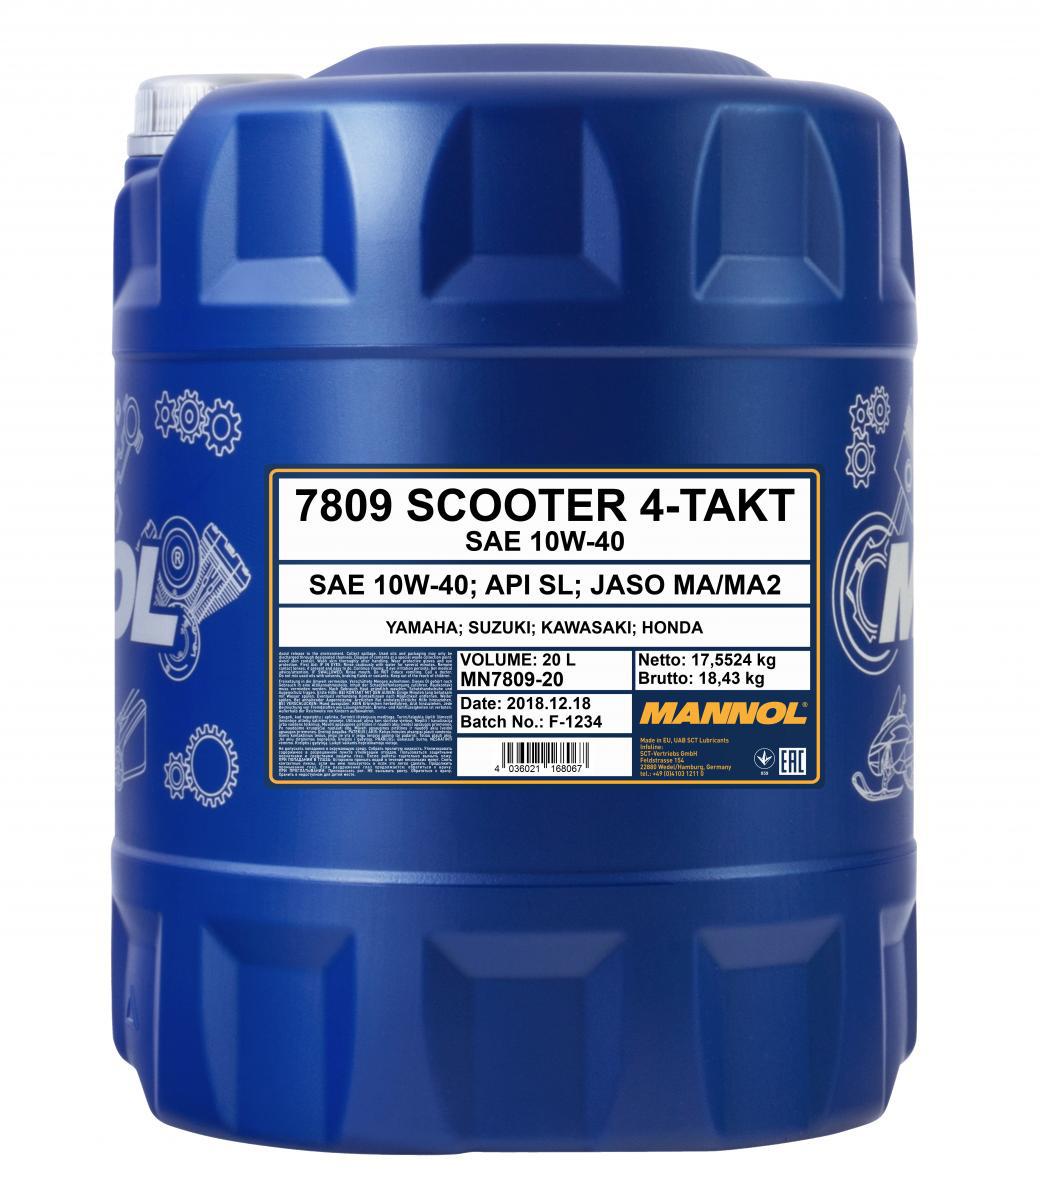 Scooter 4-Takt 10W-40